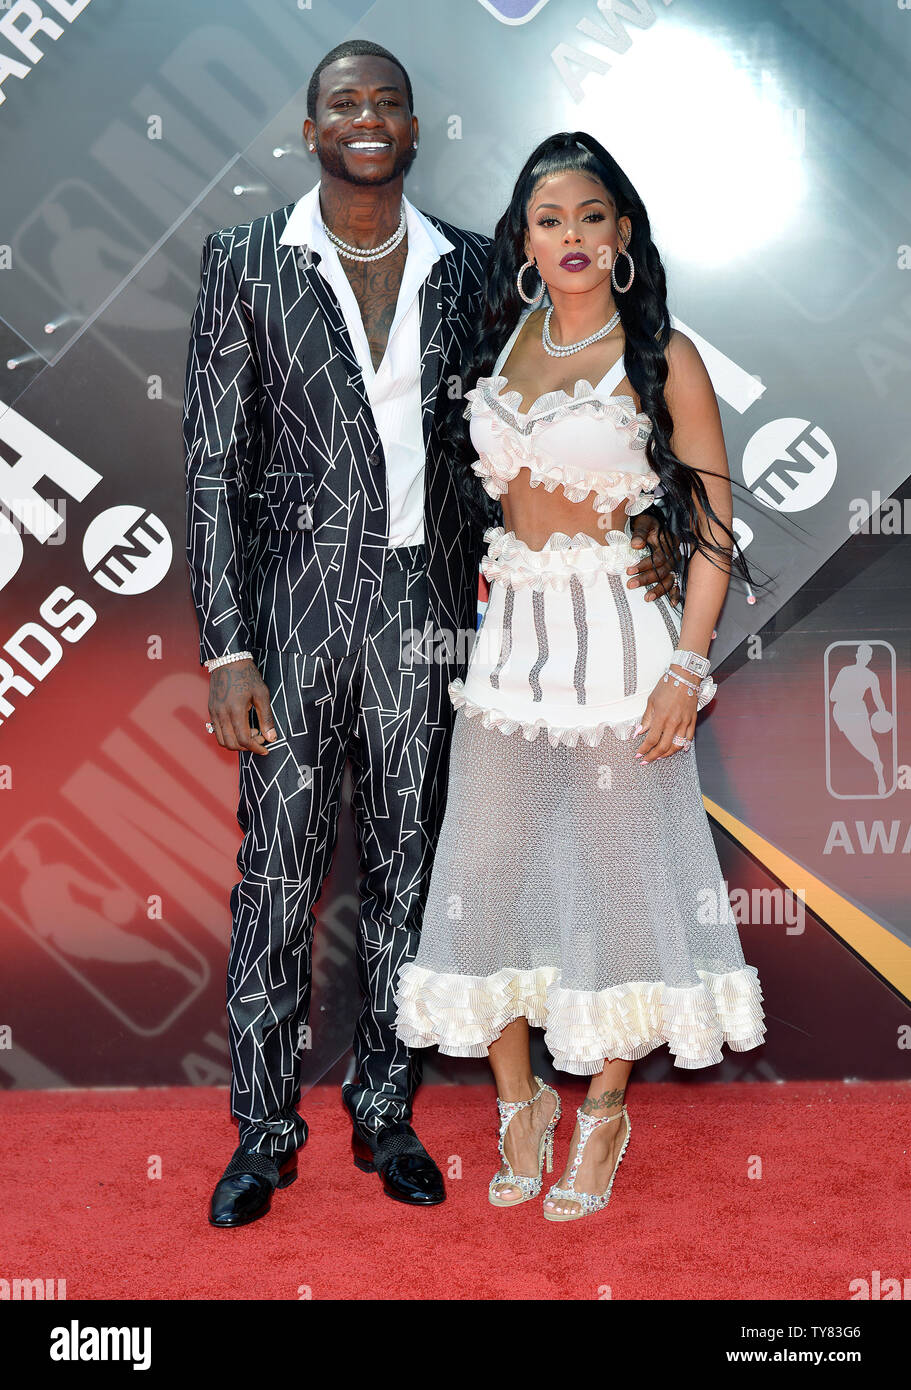 Rapper Gucci Mane (L) and his wife Keyshia Ka\u0027Oir attends